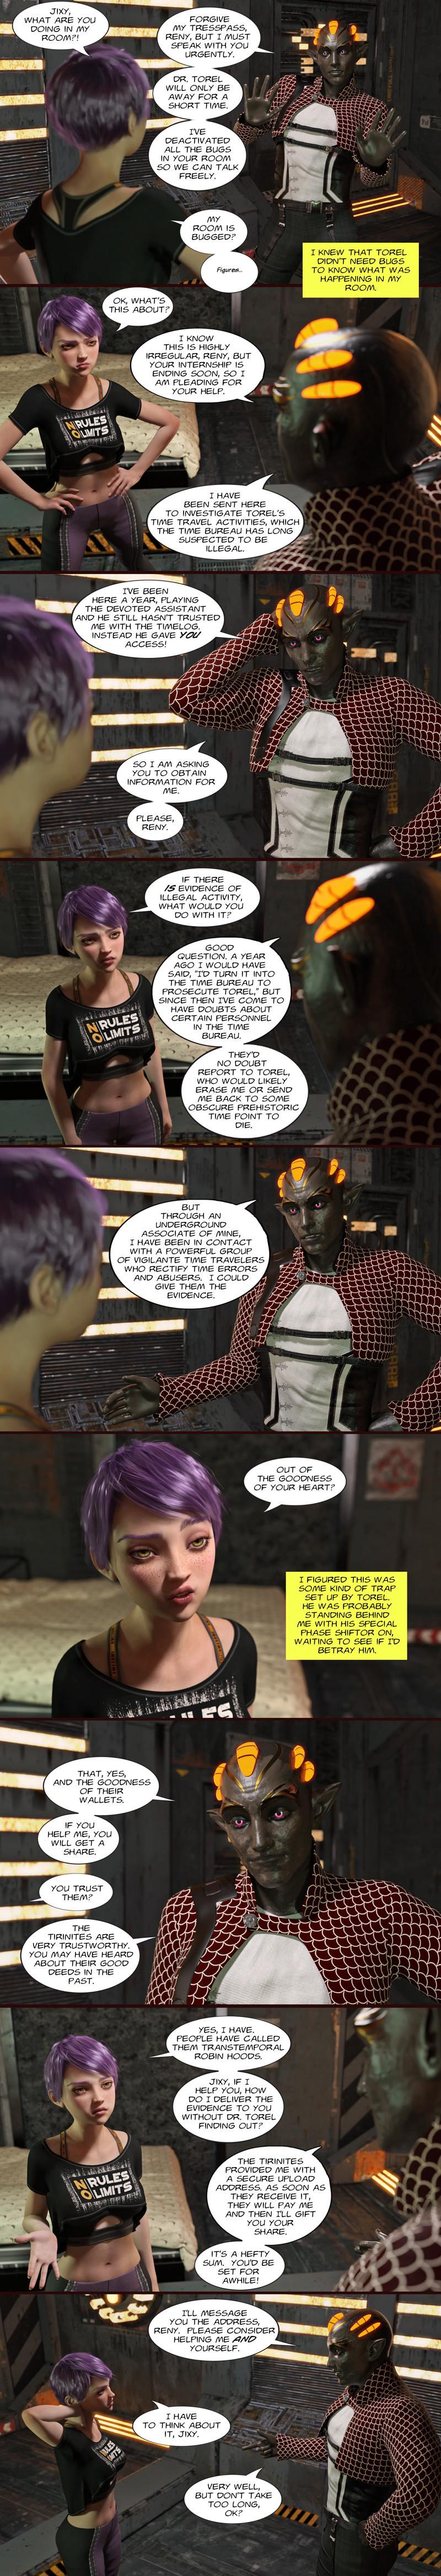 Chapter 19, page 19 – Jixy's proposal